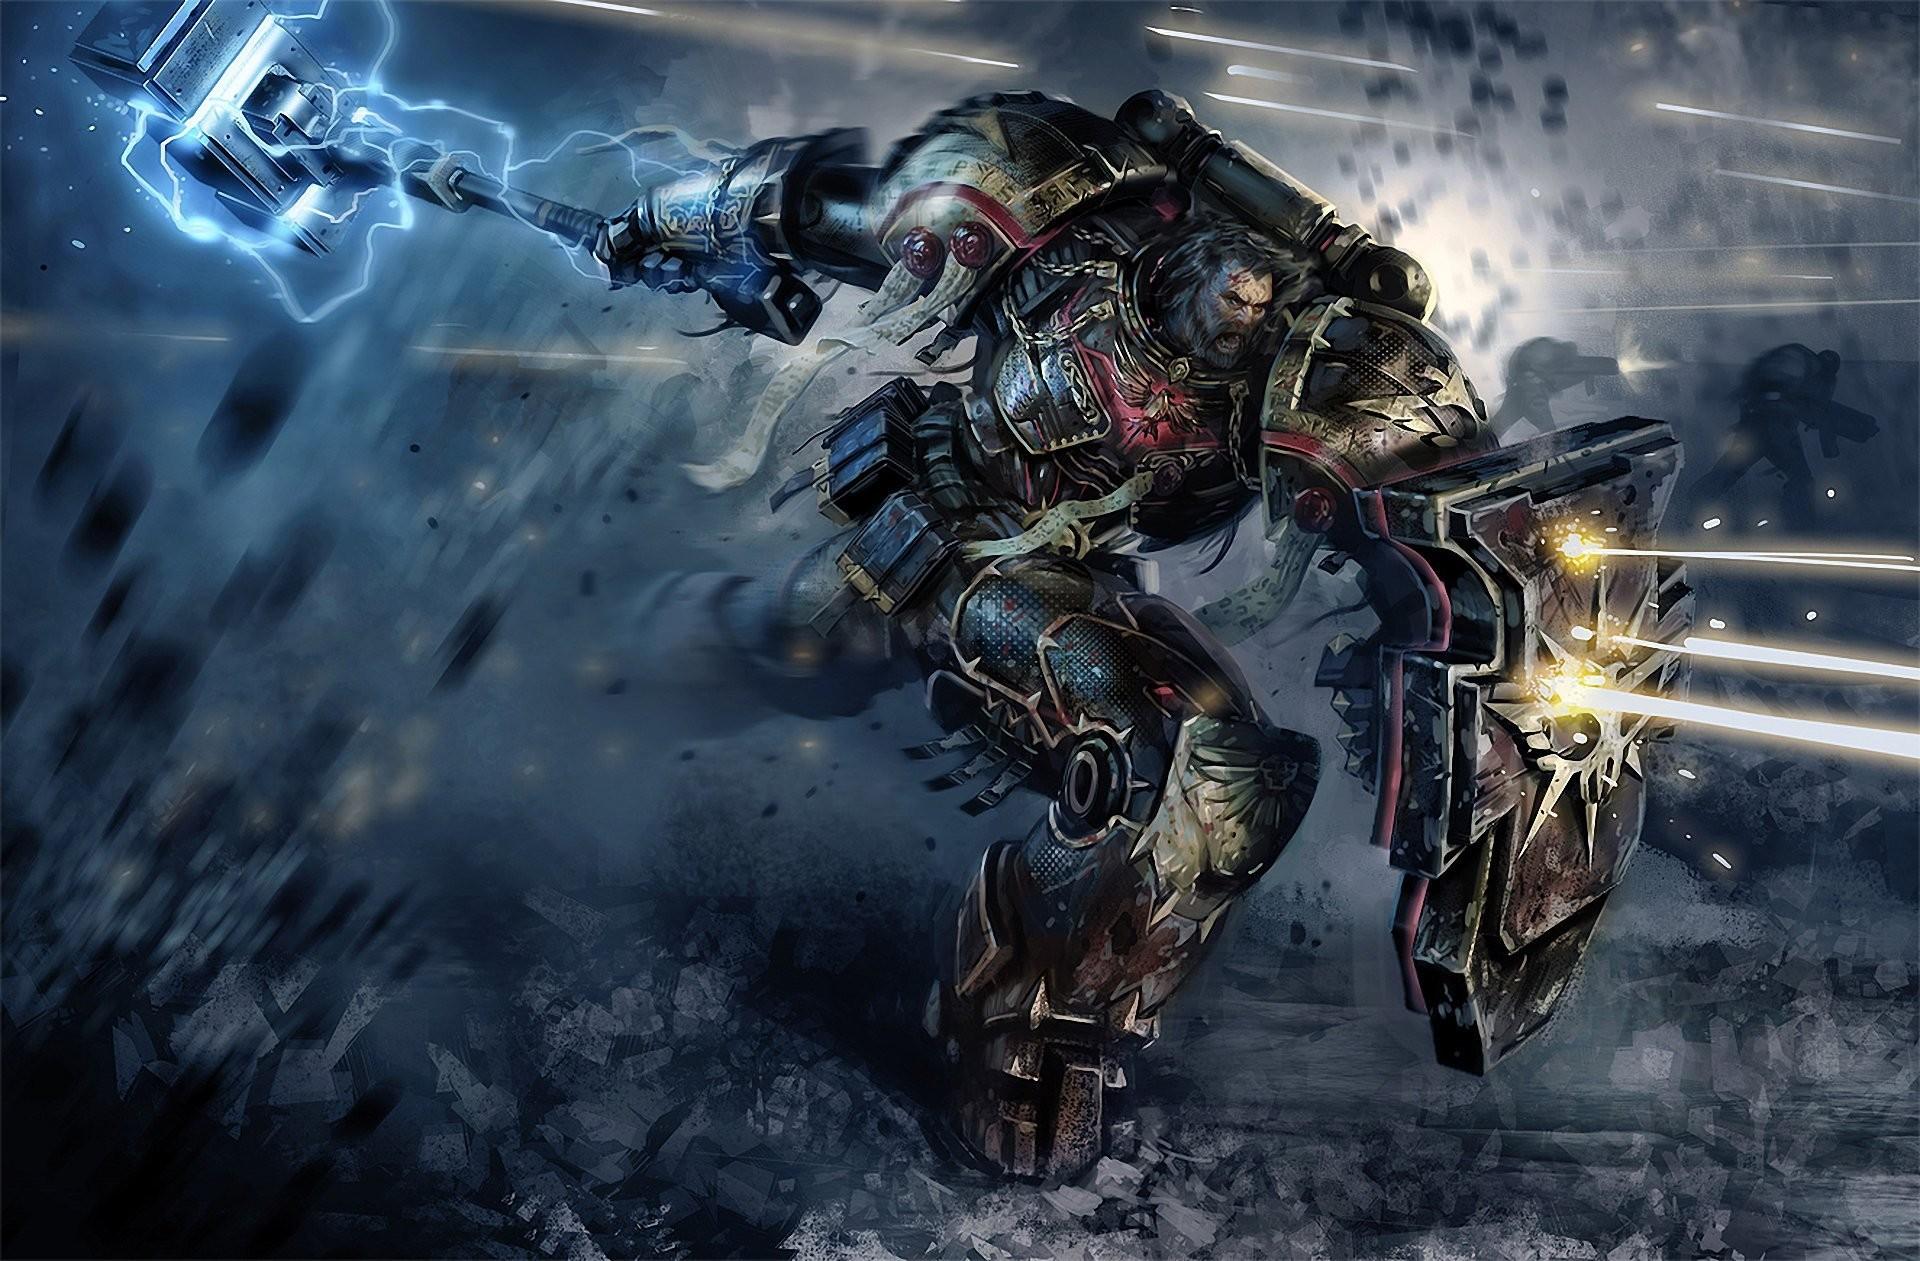 warhammer space marines warrior attack shots